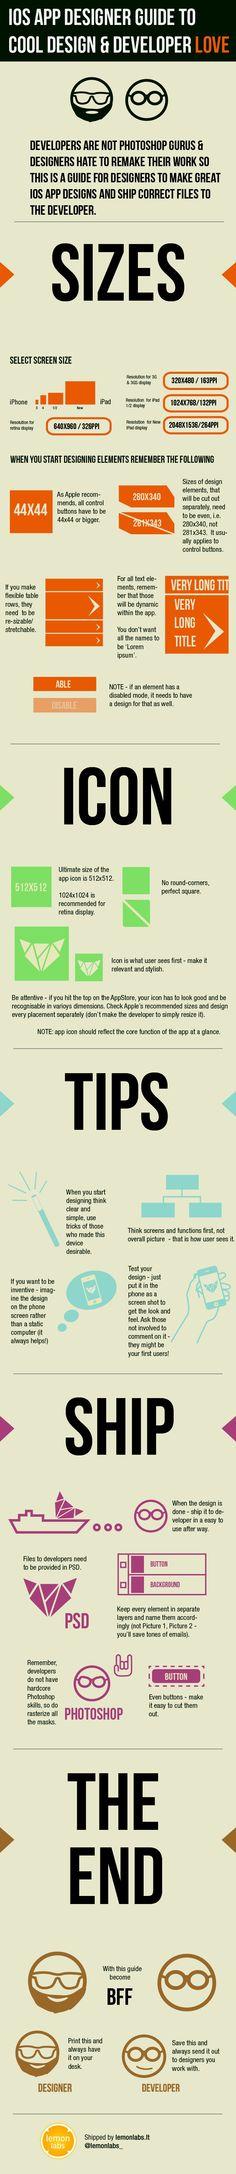 Infofrafía para iOS App Developers